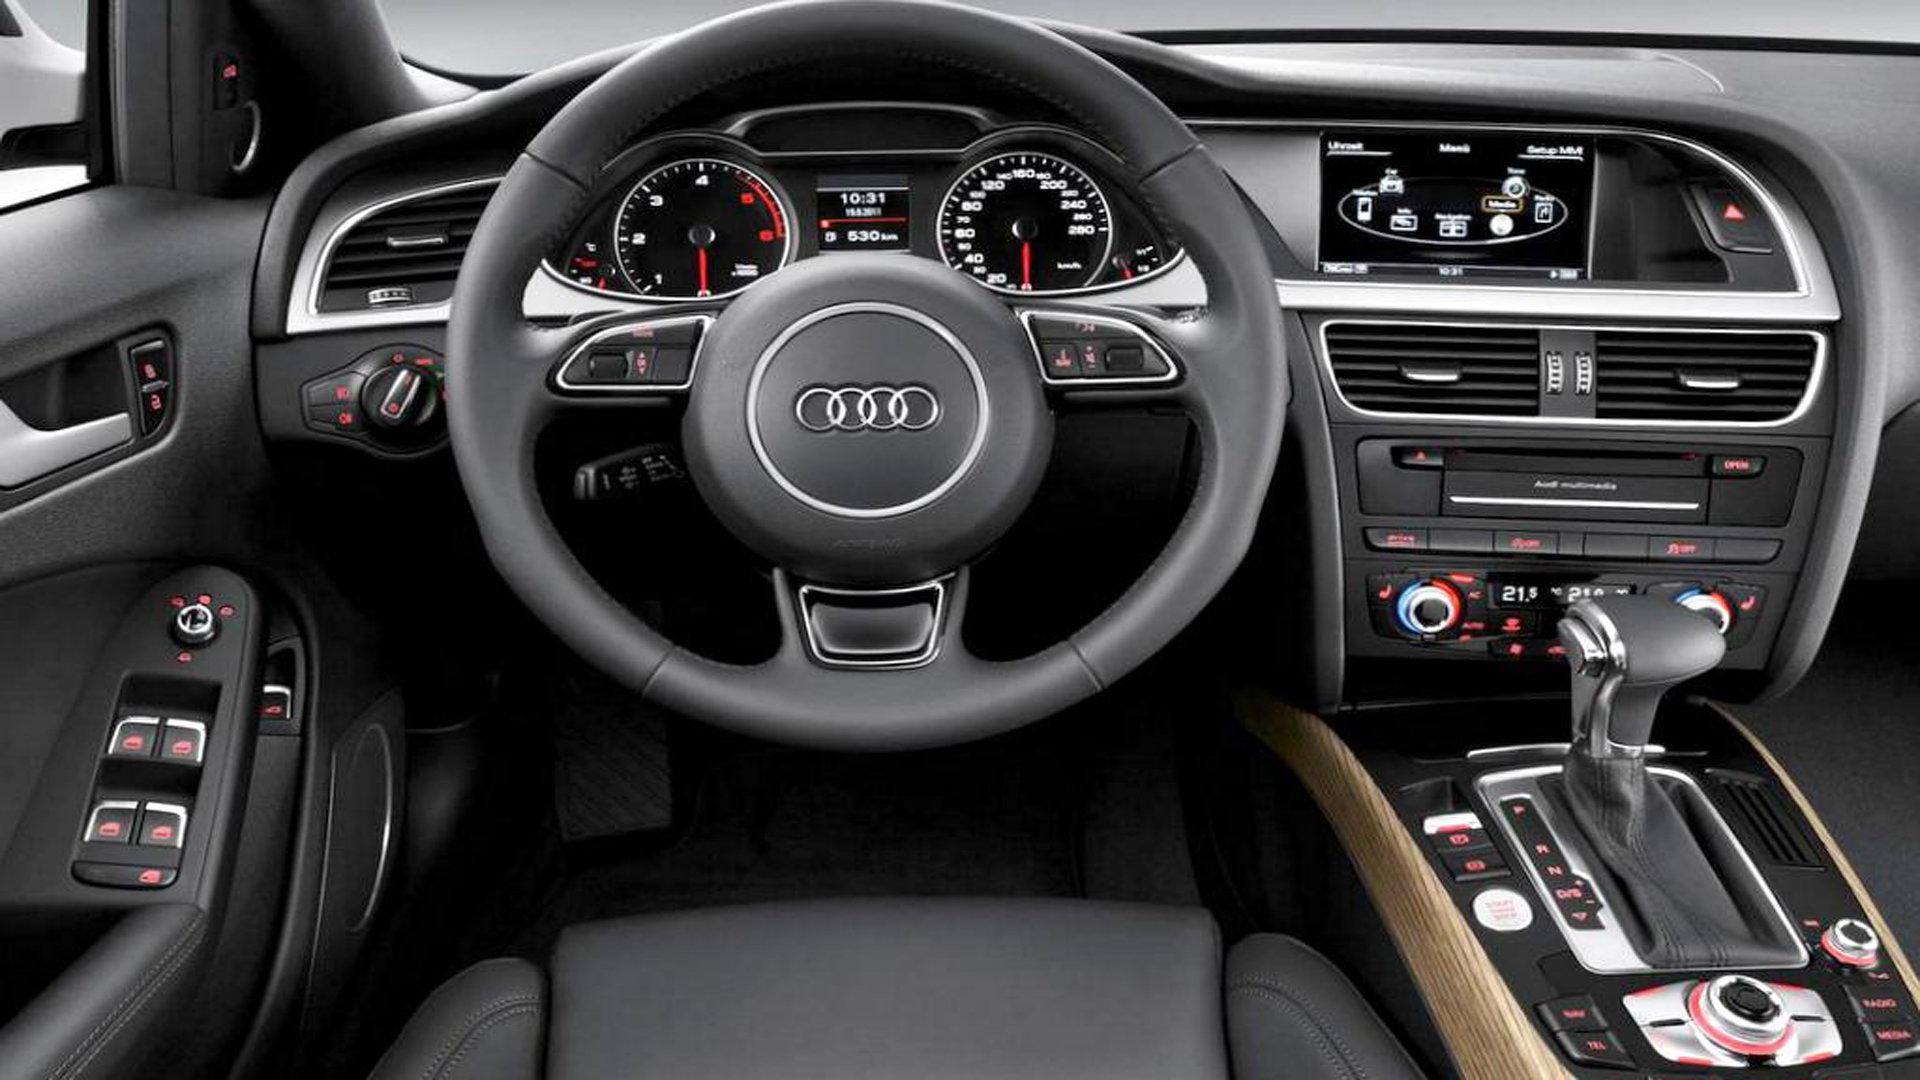 Kelebihan Kekurangan Audi Multitronic Spesifikasi